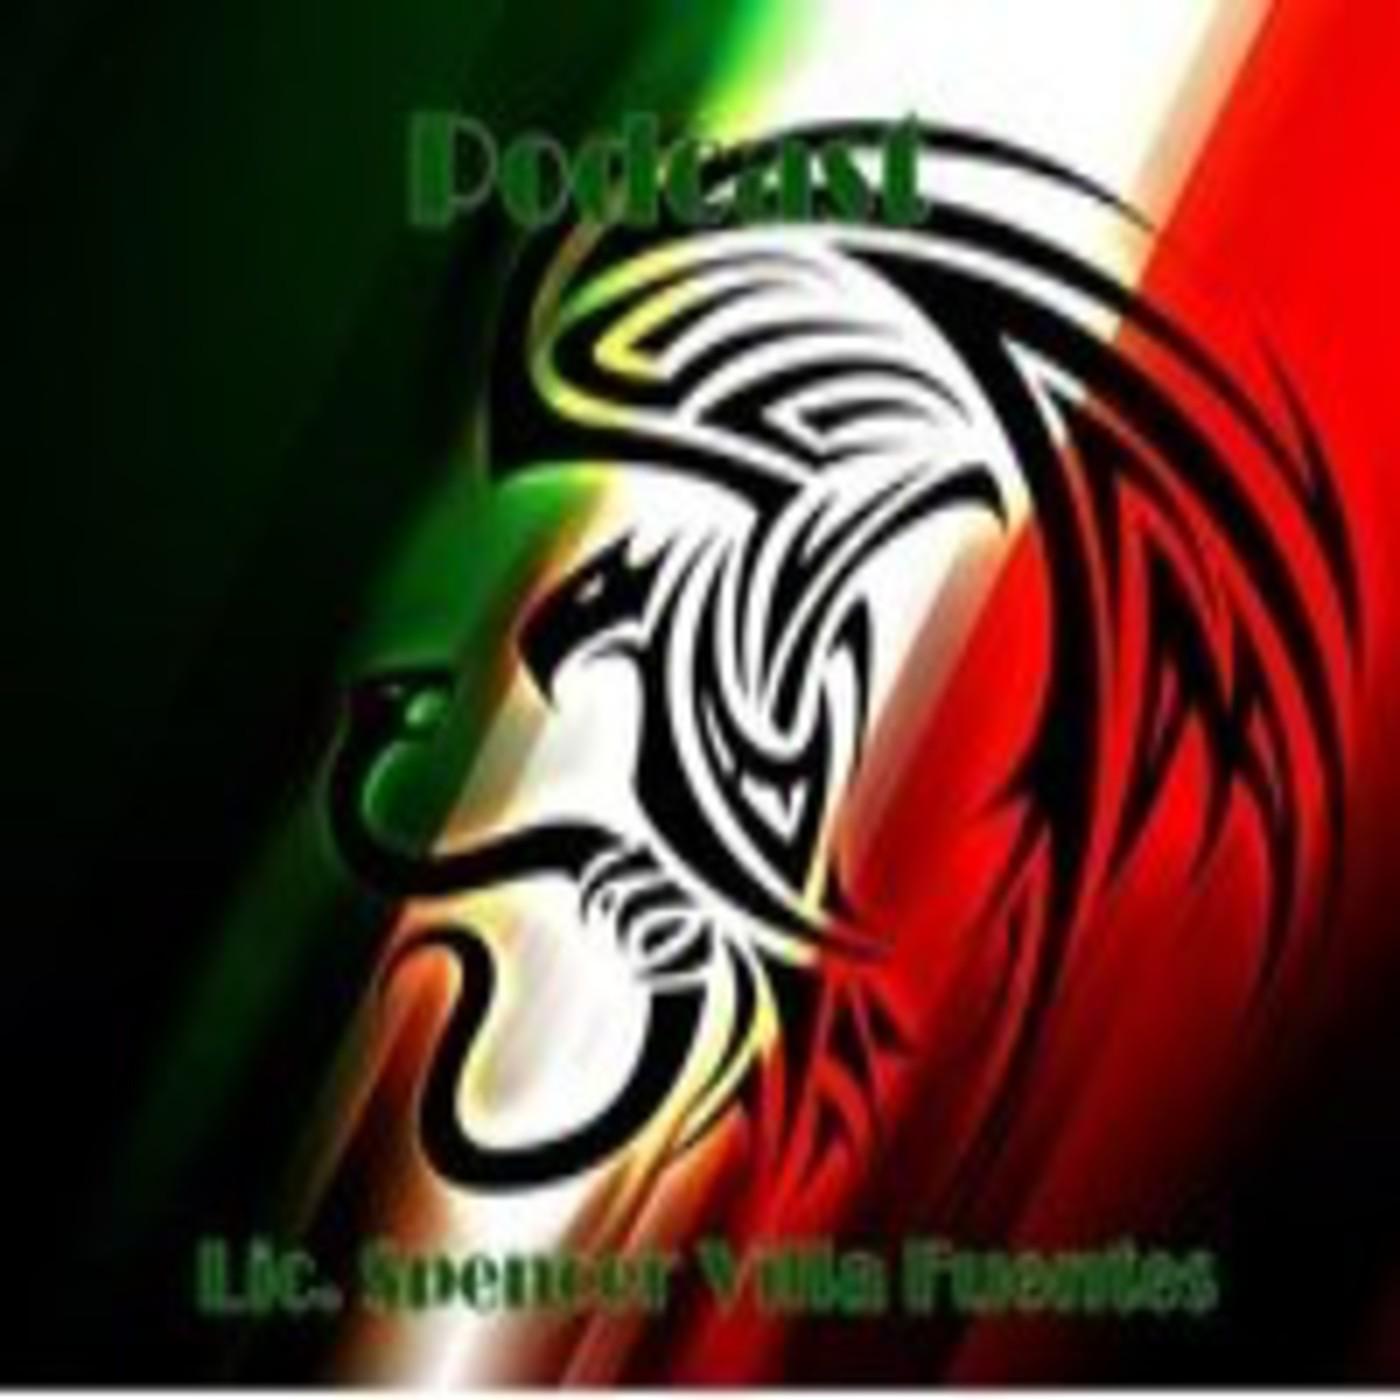 Toque de Bandera PISTA en H-d-M en mp3(10/07 a las 19:31:40) 01:10 ...